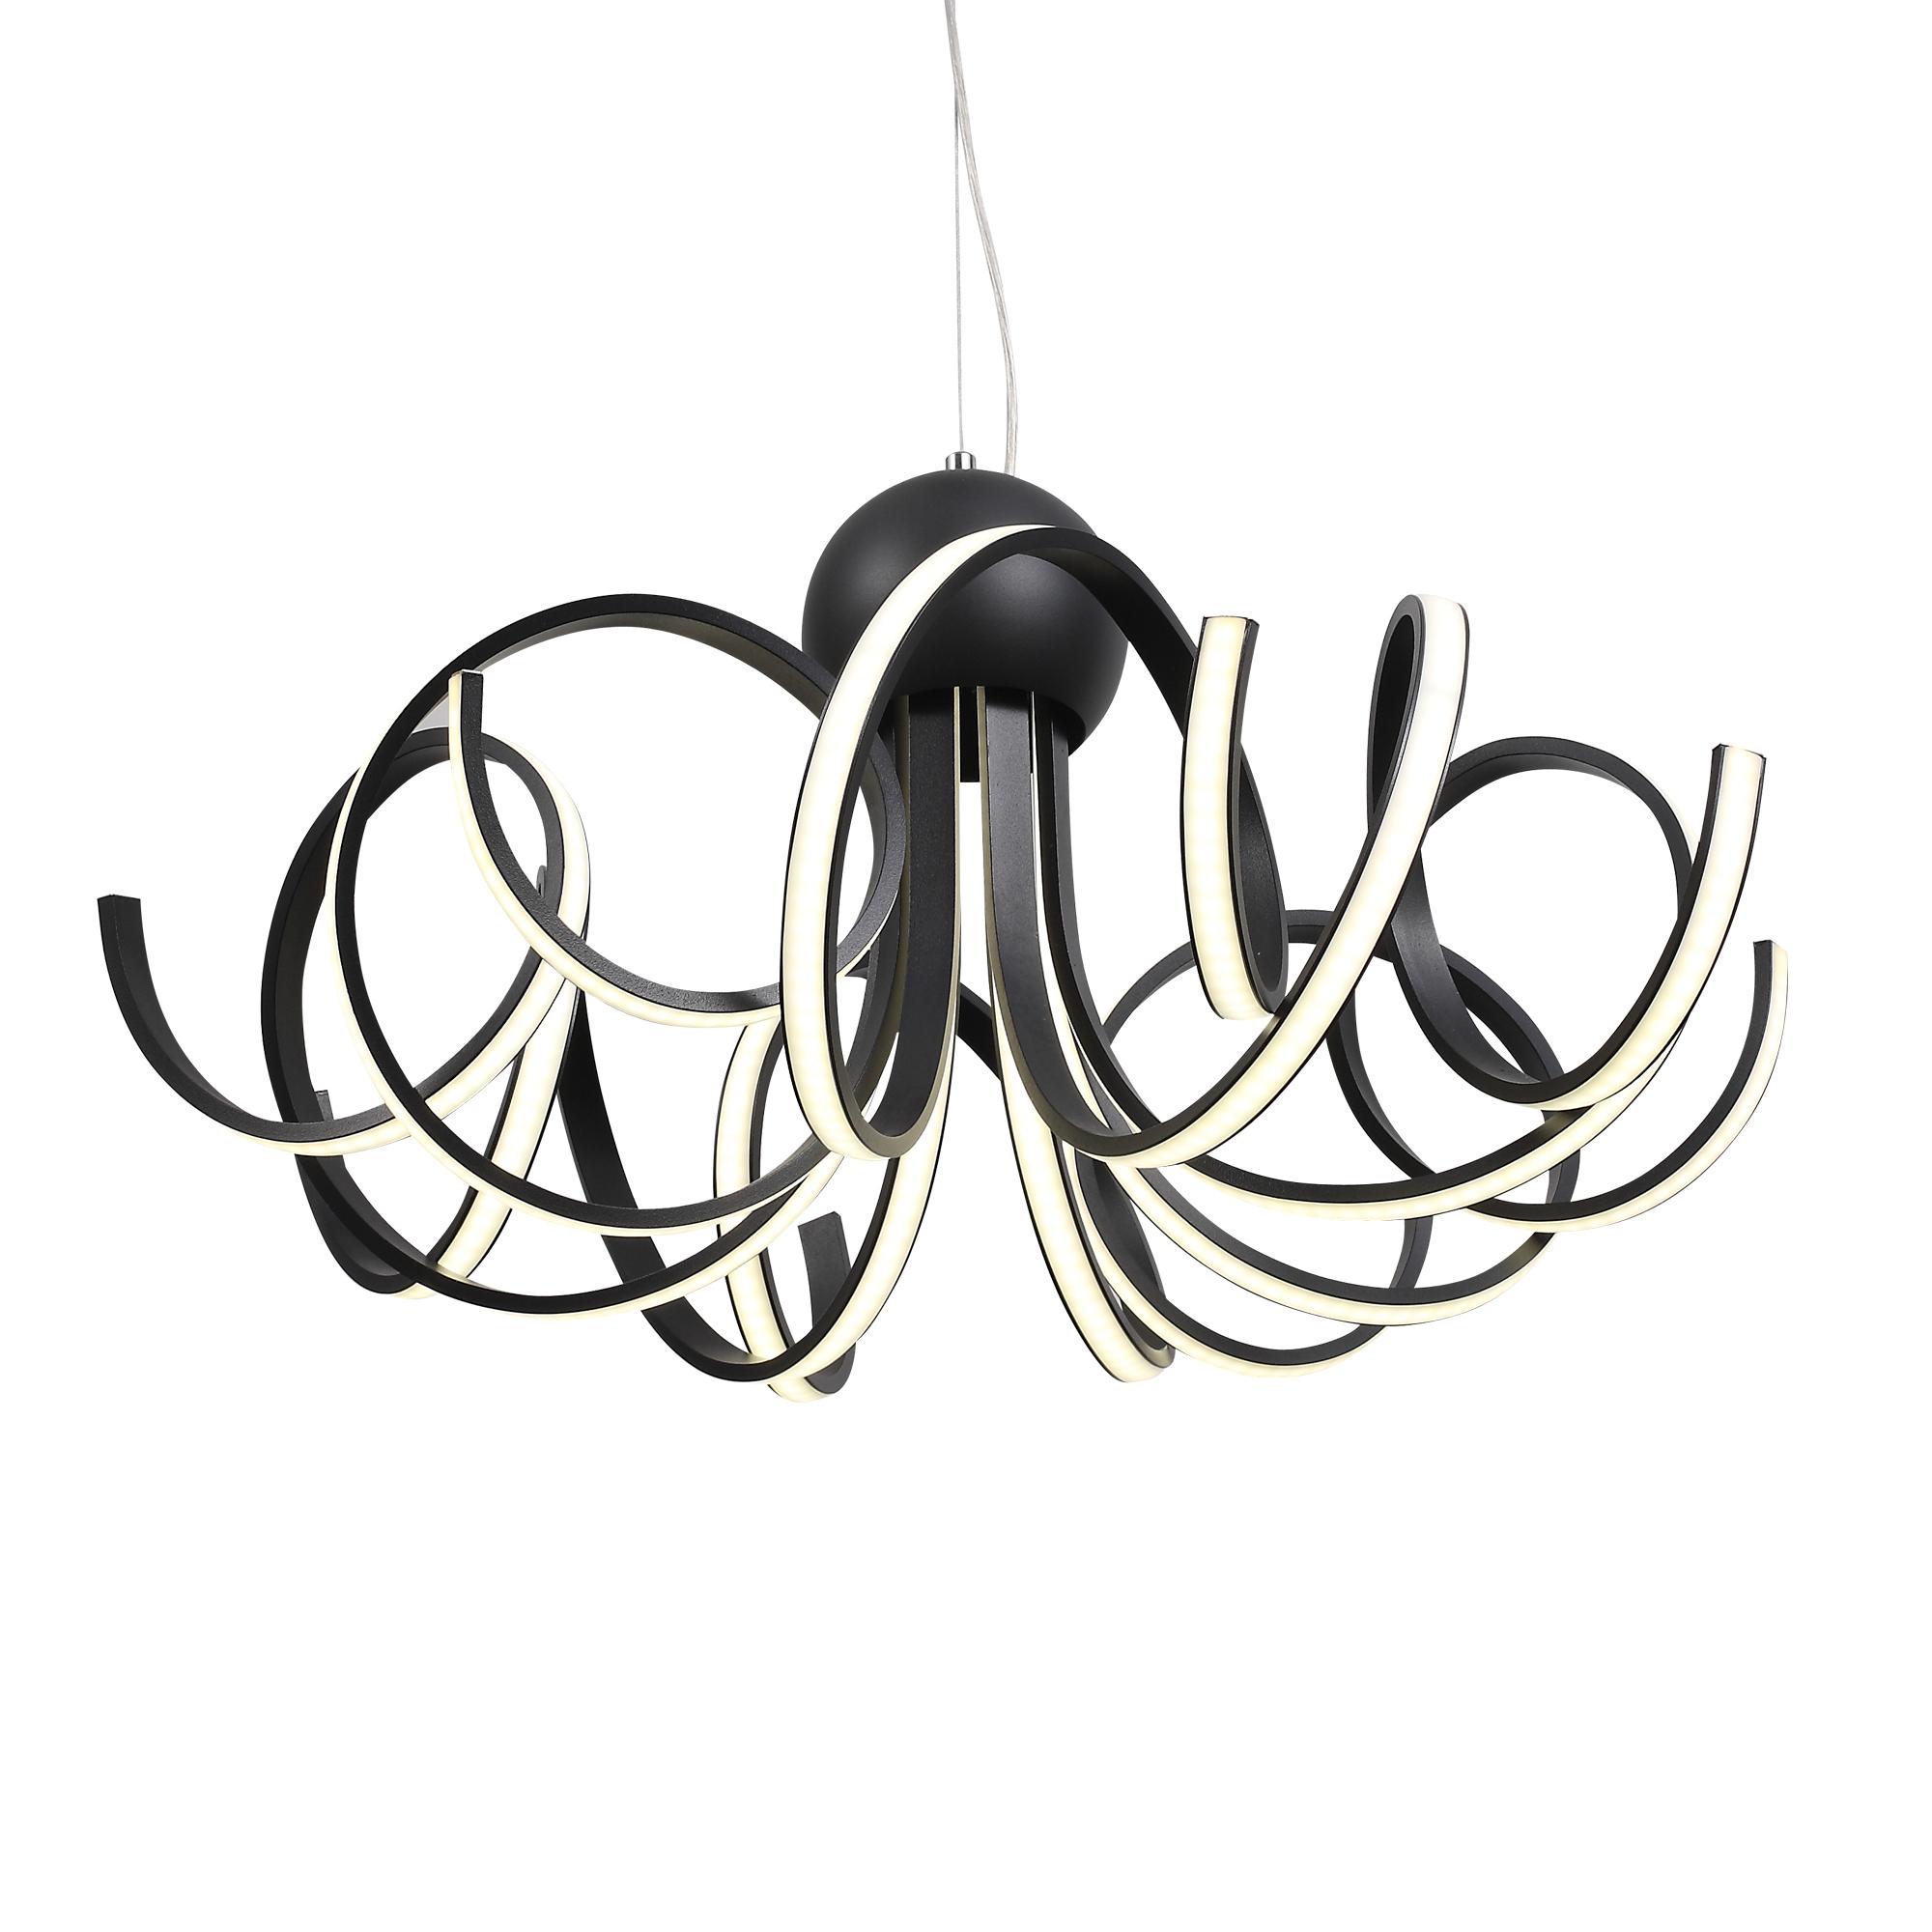 Подвесная светодиодная люстра ST Luce Fondere SL906.403.08, LED 120W, 4000K (дневной), черный, белый, металл, пластик - фото 1